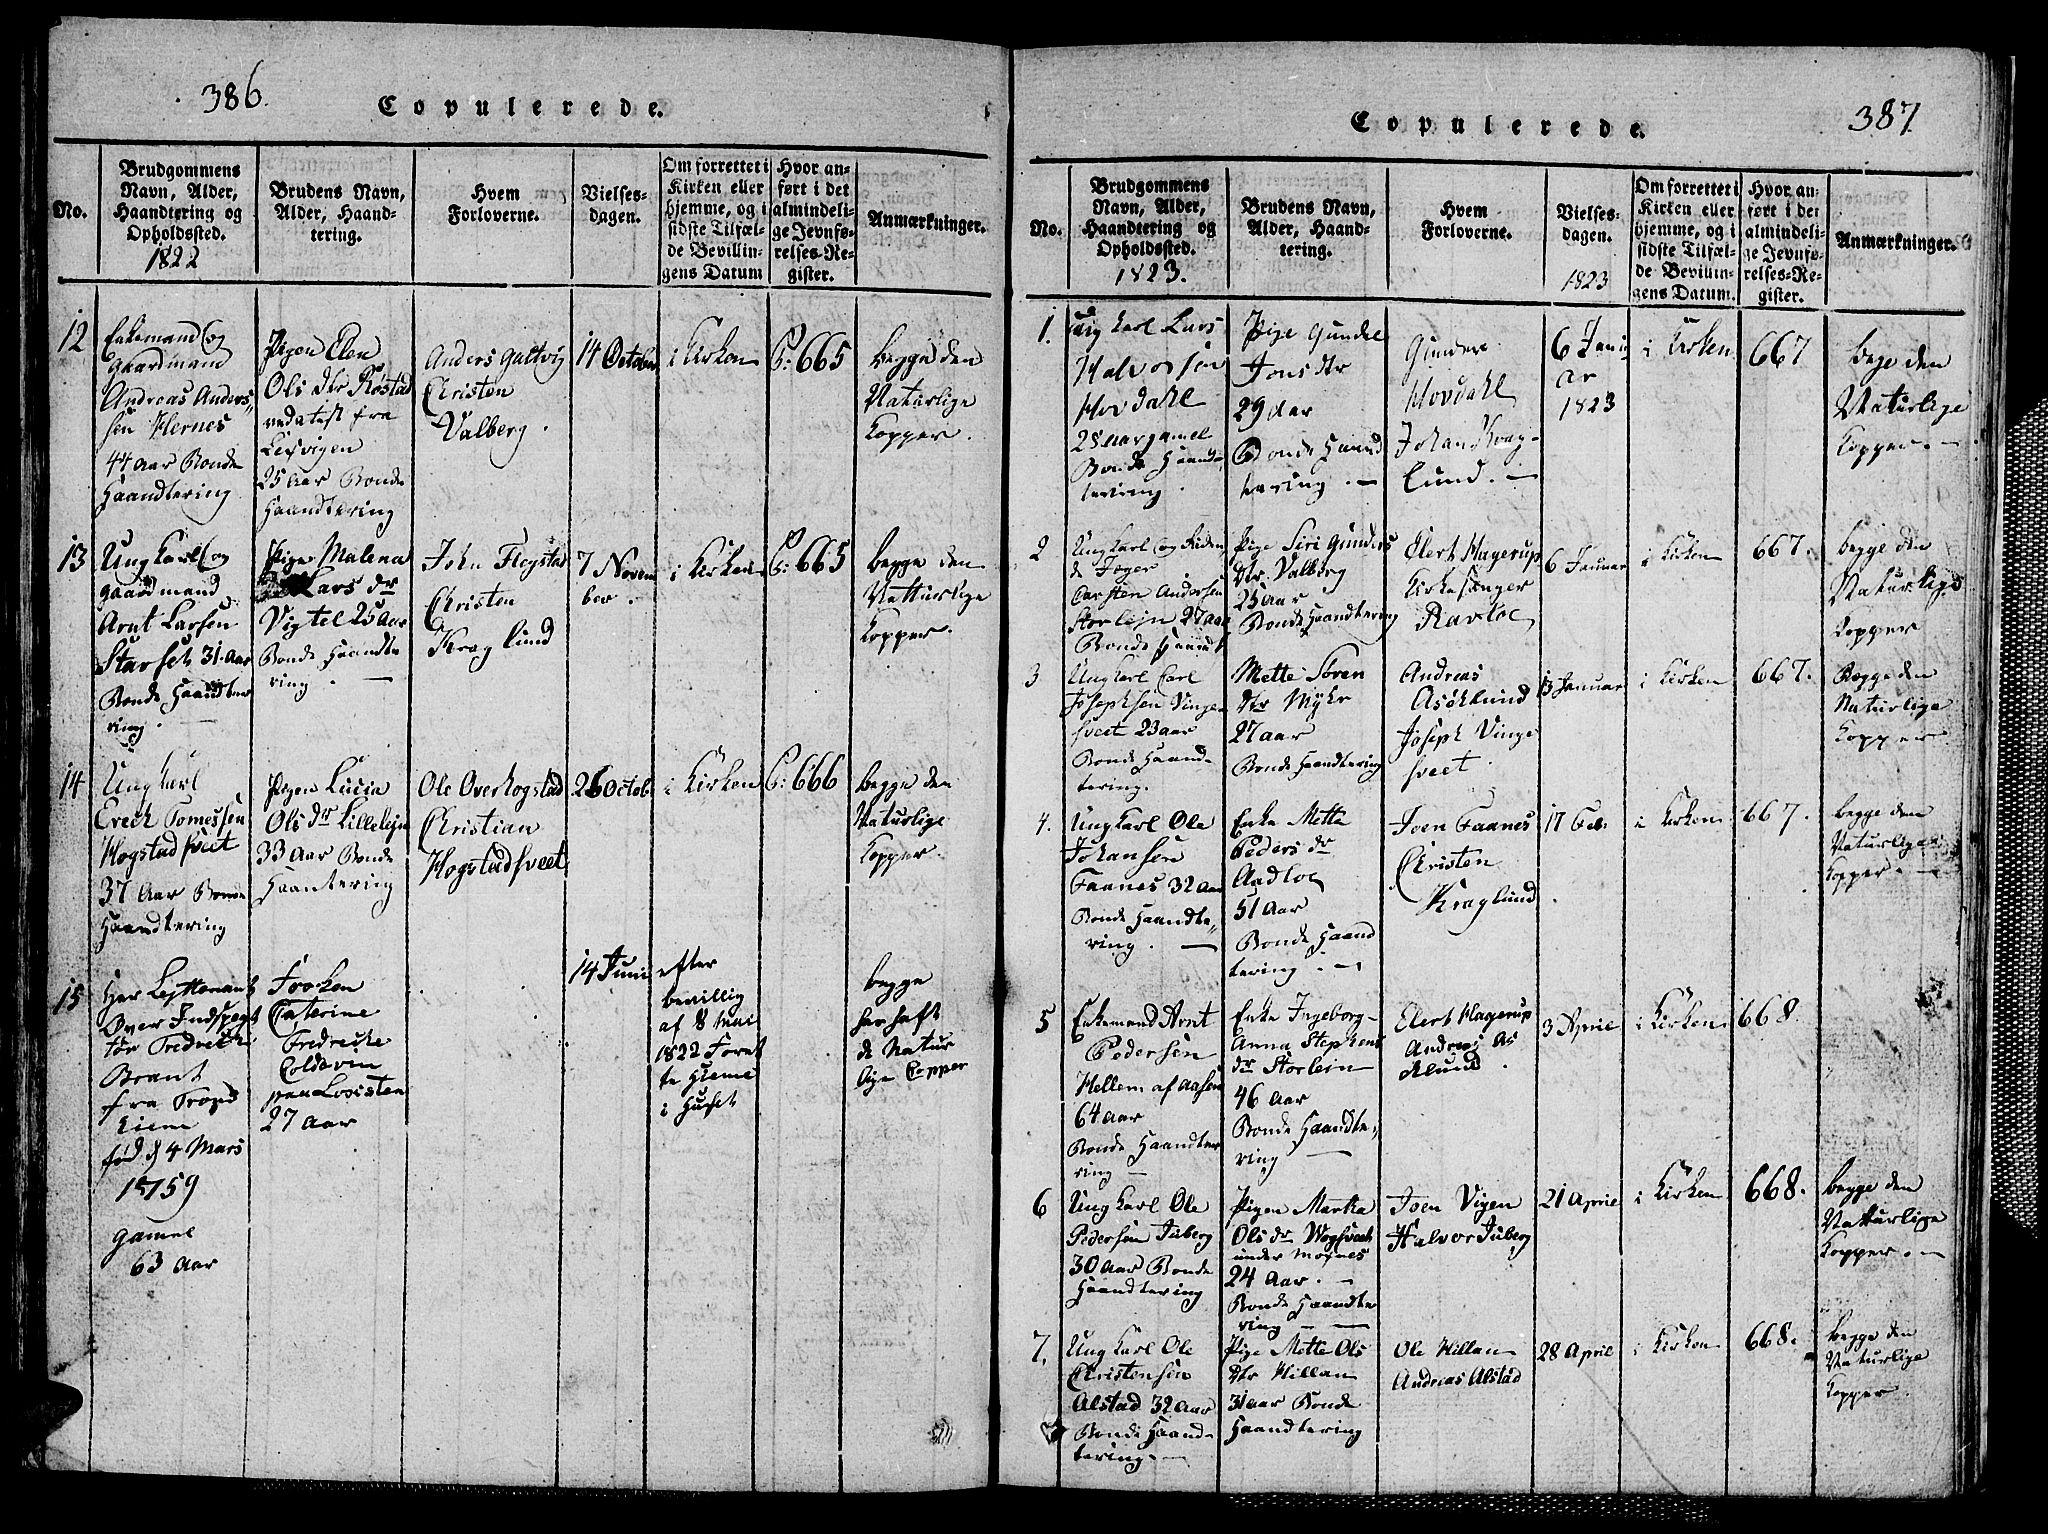 SAT, Ministerialprotokoller, klokkerbøker og fødselsregistre - Nord-Trøndelag, 713/L0124: Klokkerbok nr. 713C01, 1817-1827, s. 386-387